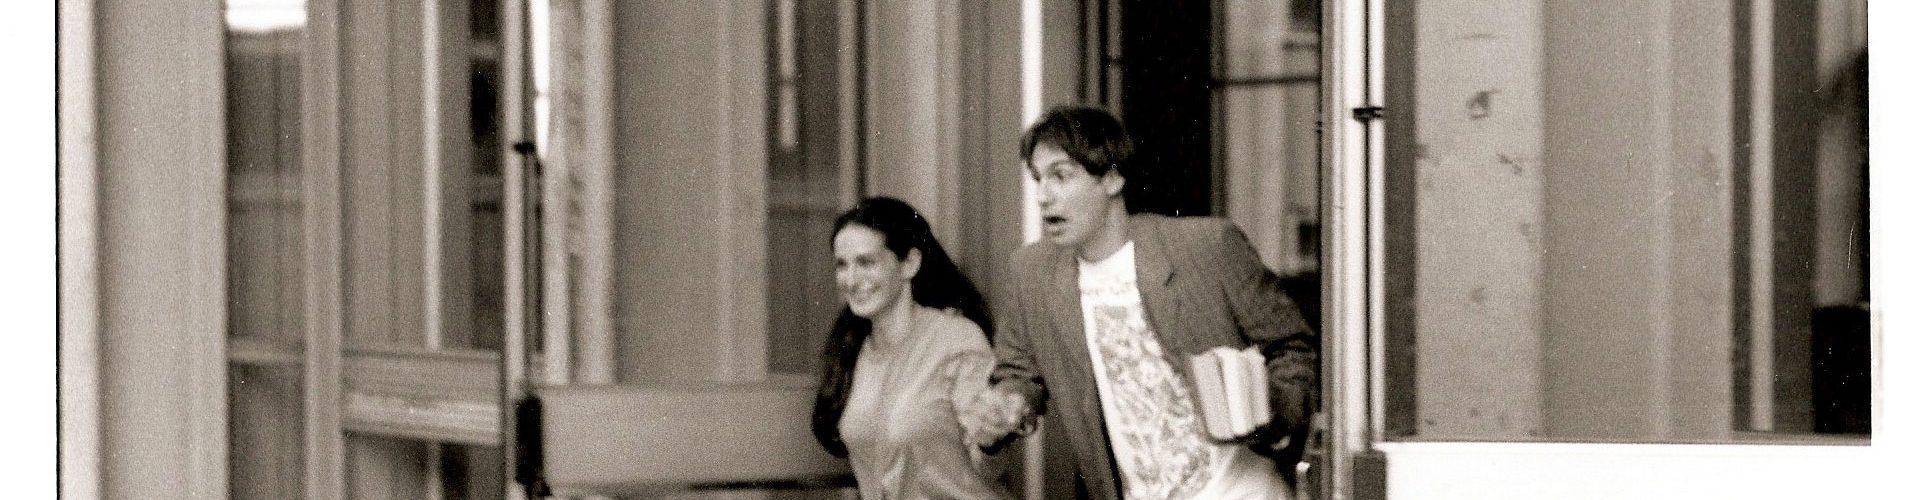 Un amore - 1998